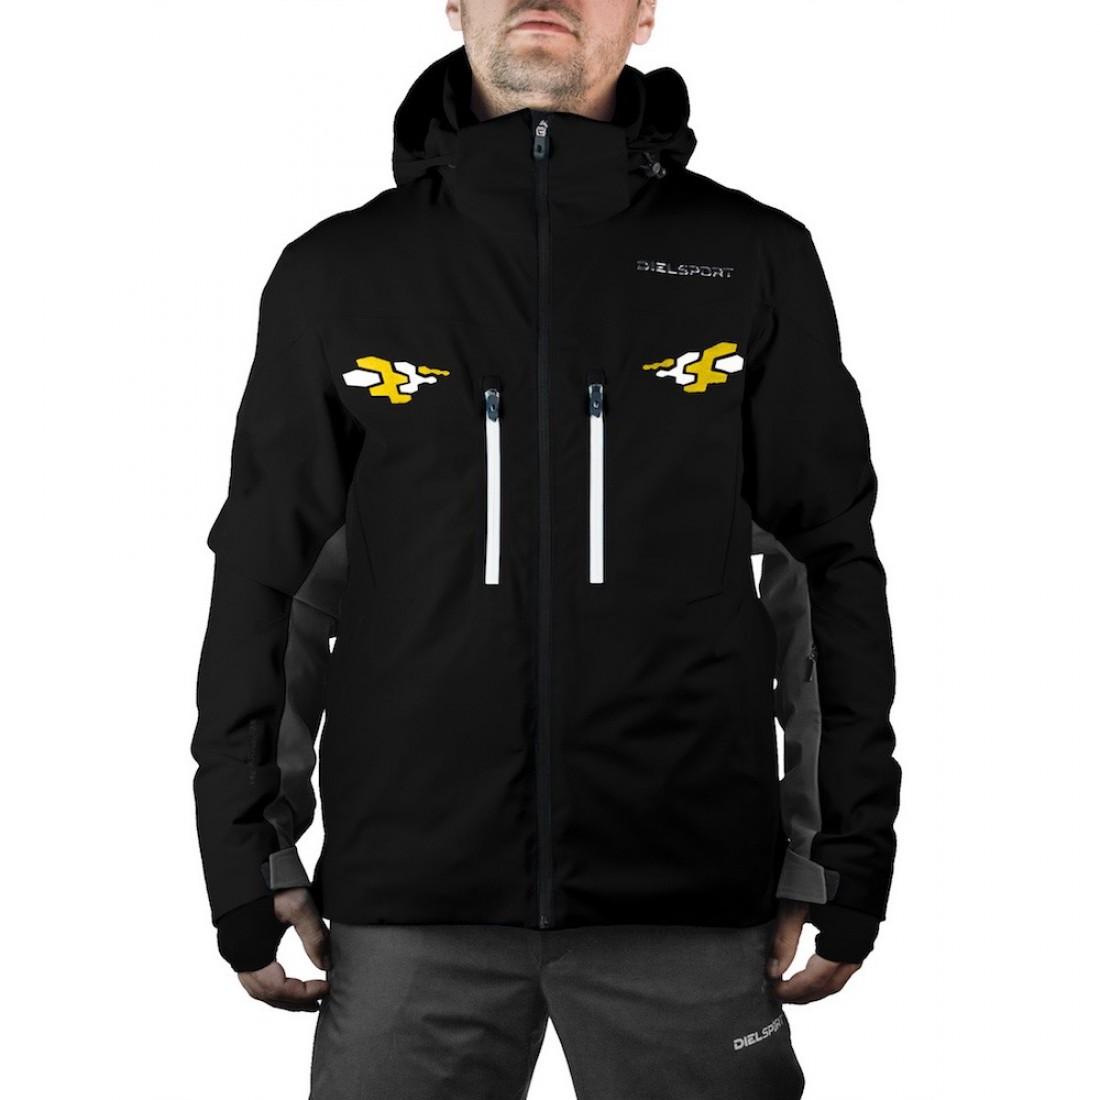 8310c2319eb DIEL SPORT BRUCE2 177432 A Мъжко яке за ски Диел Спорт нова колекция сезон  2017 2018 20000 мм воден стълб черно